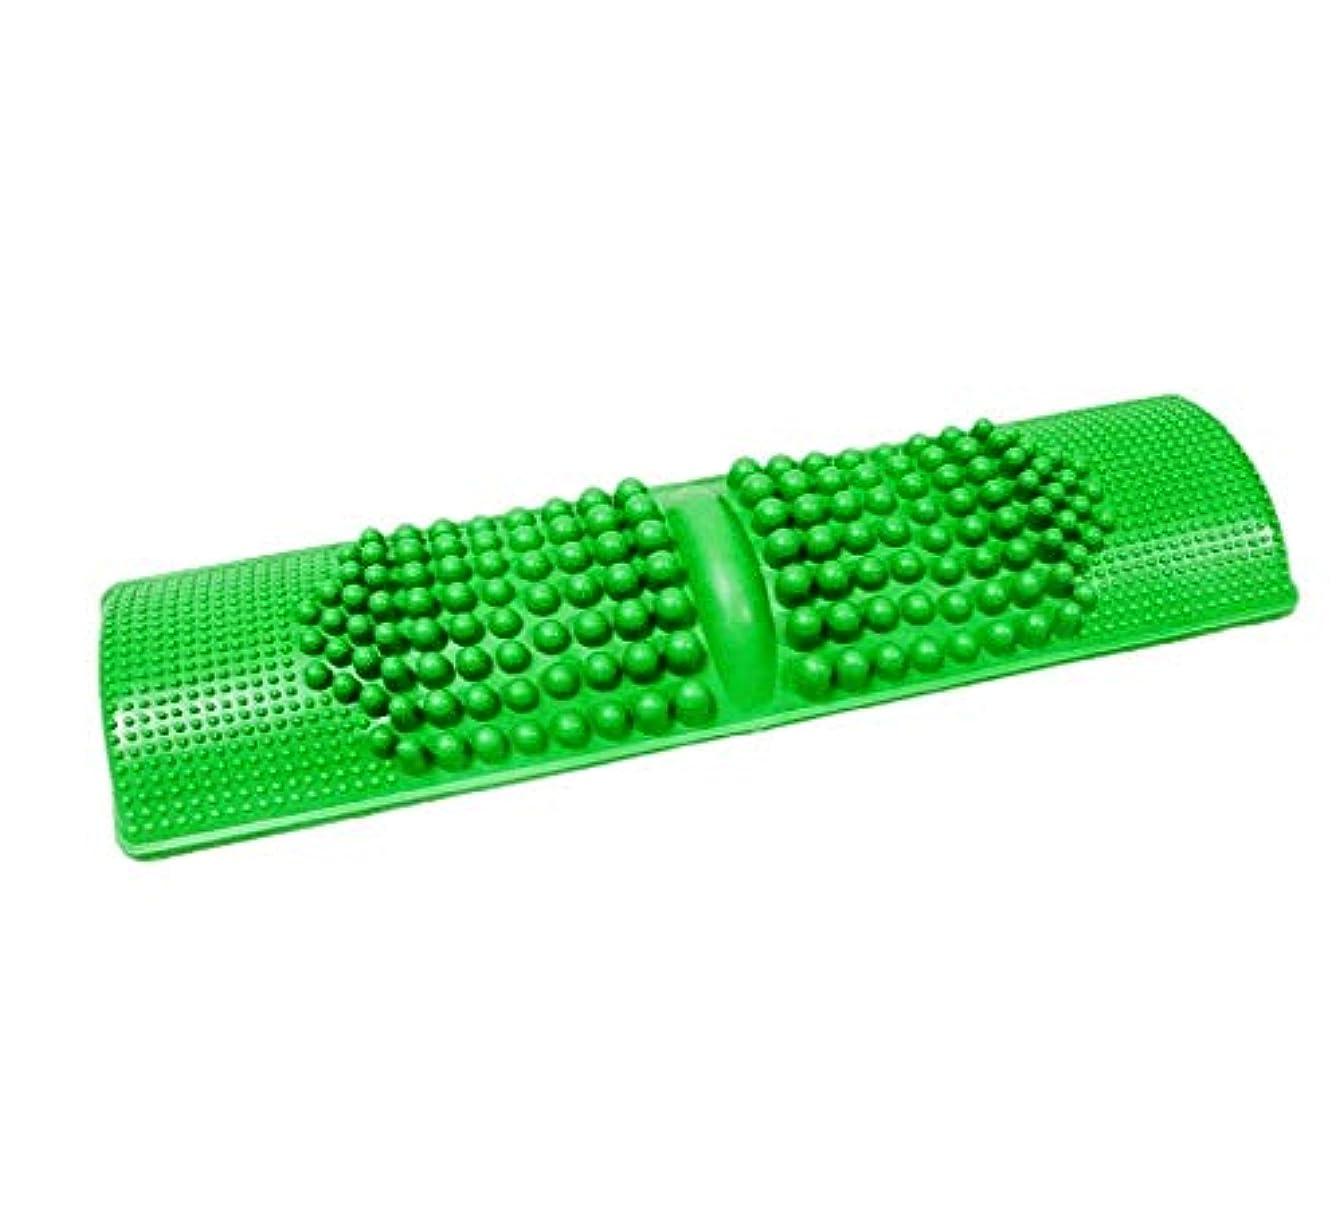 剥ぎ取る抜本的なナチュラルZXCP 簡単に健康維持 BIGサイズ 足つぼマッサージ 【足つぼ対応表付き】 足 踏み 足裏 刺激 血行促進 (グリーン)